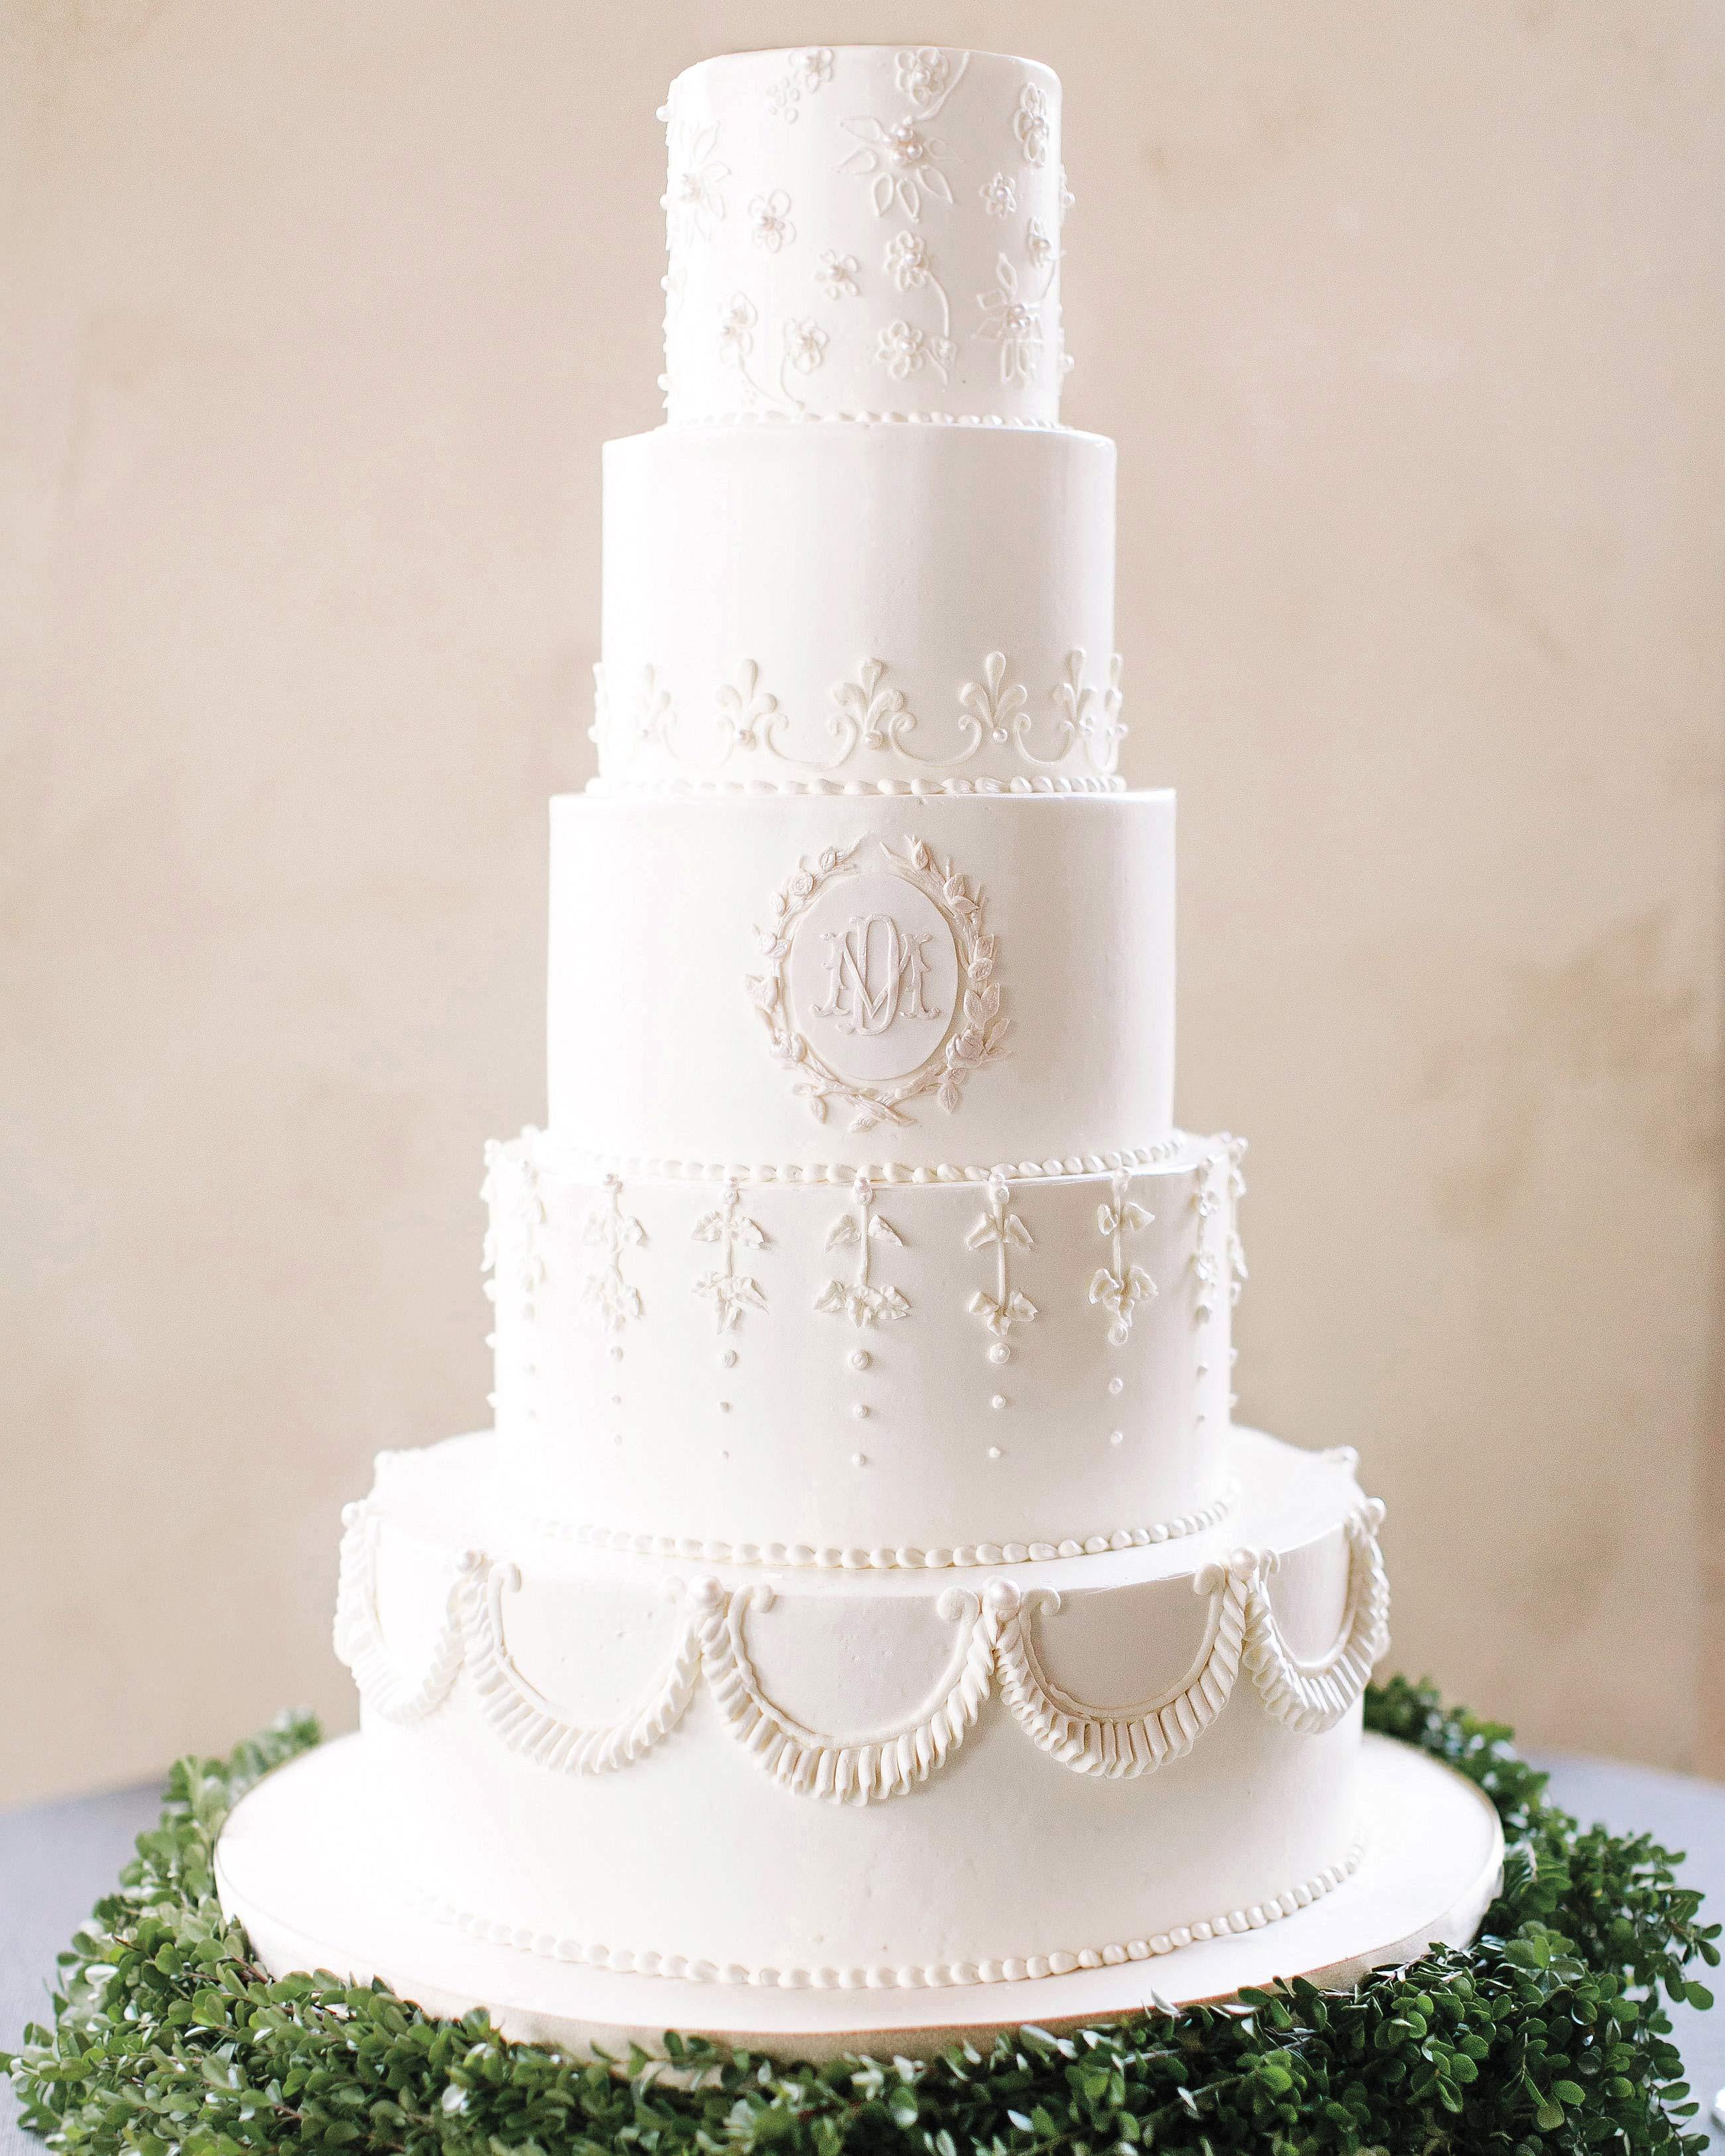 mmallory-diego-wedding-texas-white-cake-087-s112628.jpg